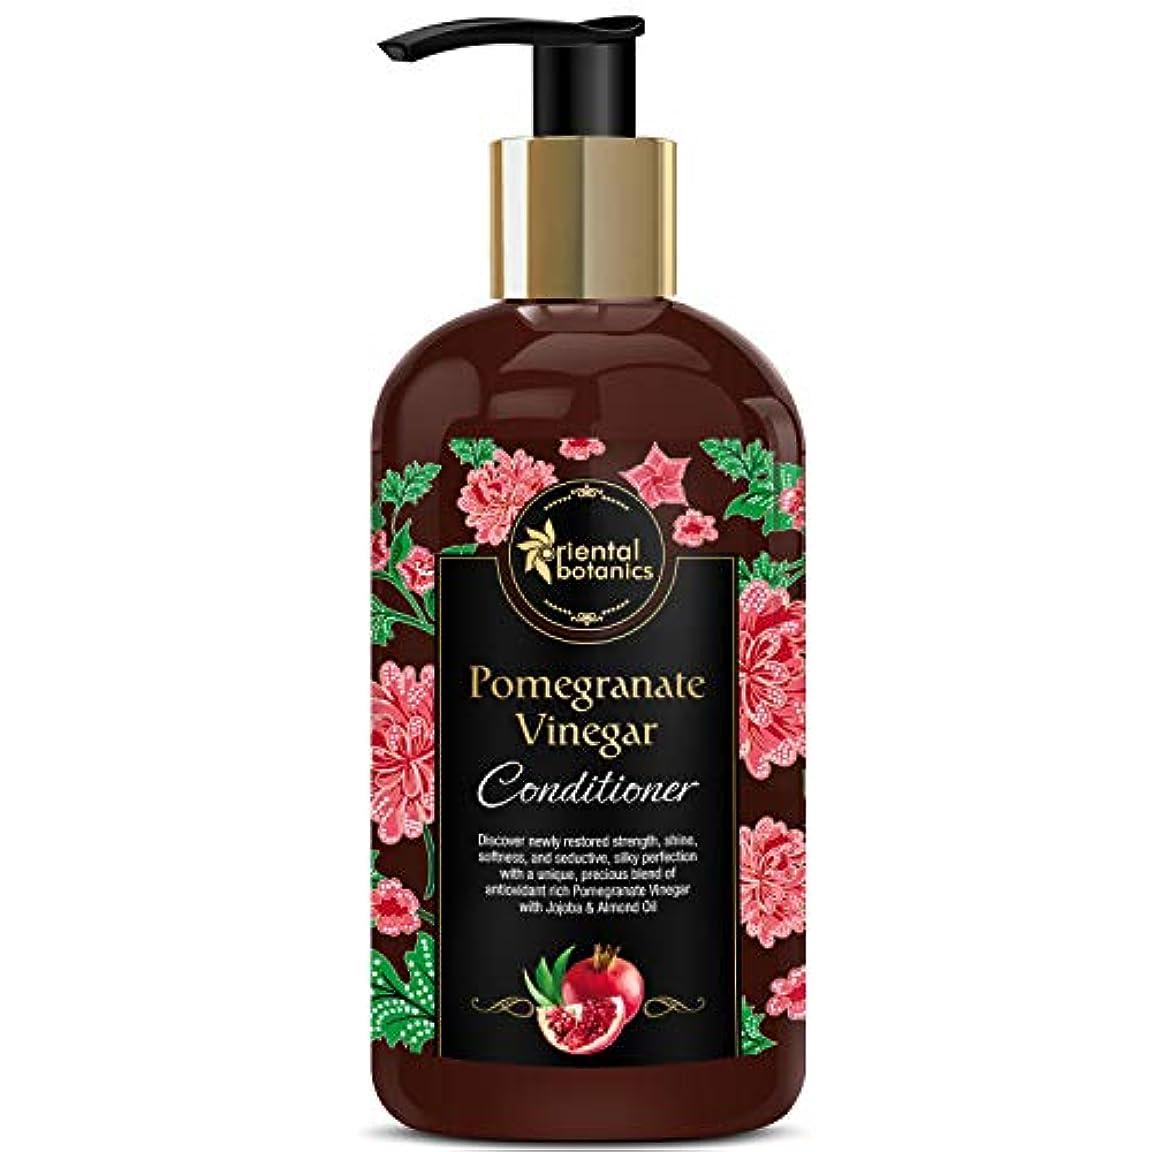 経歴孤独な誠実Oriental Botanics Pomegranate Vinegar Conditioner - For Healthy, Strong Hair with Antioxidant Boost & Golden Jojoba...